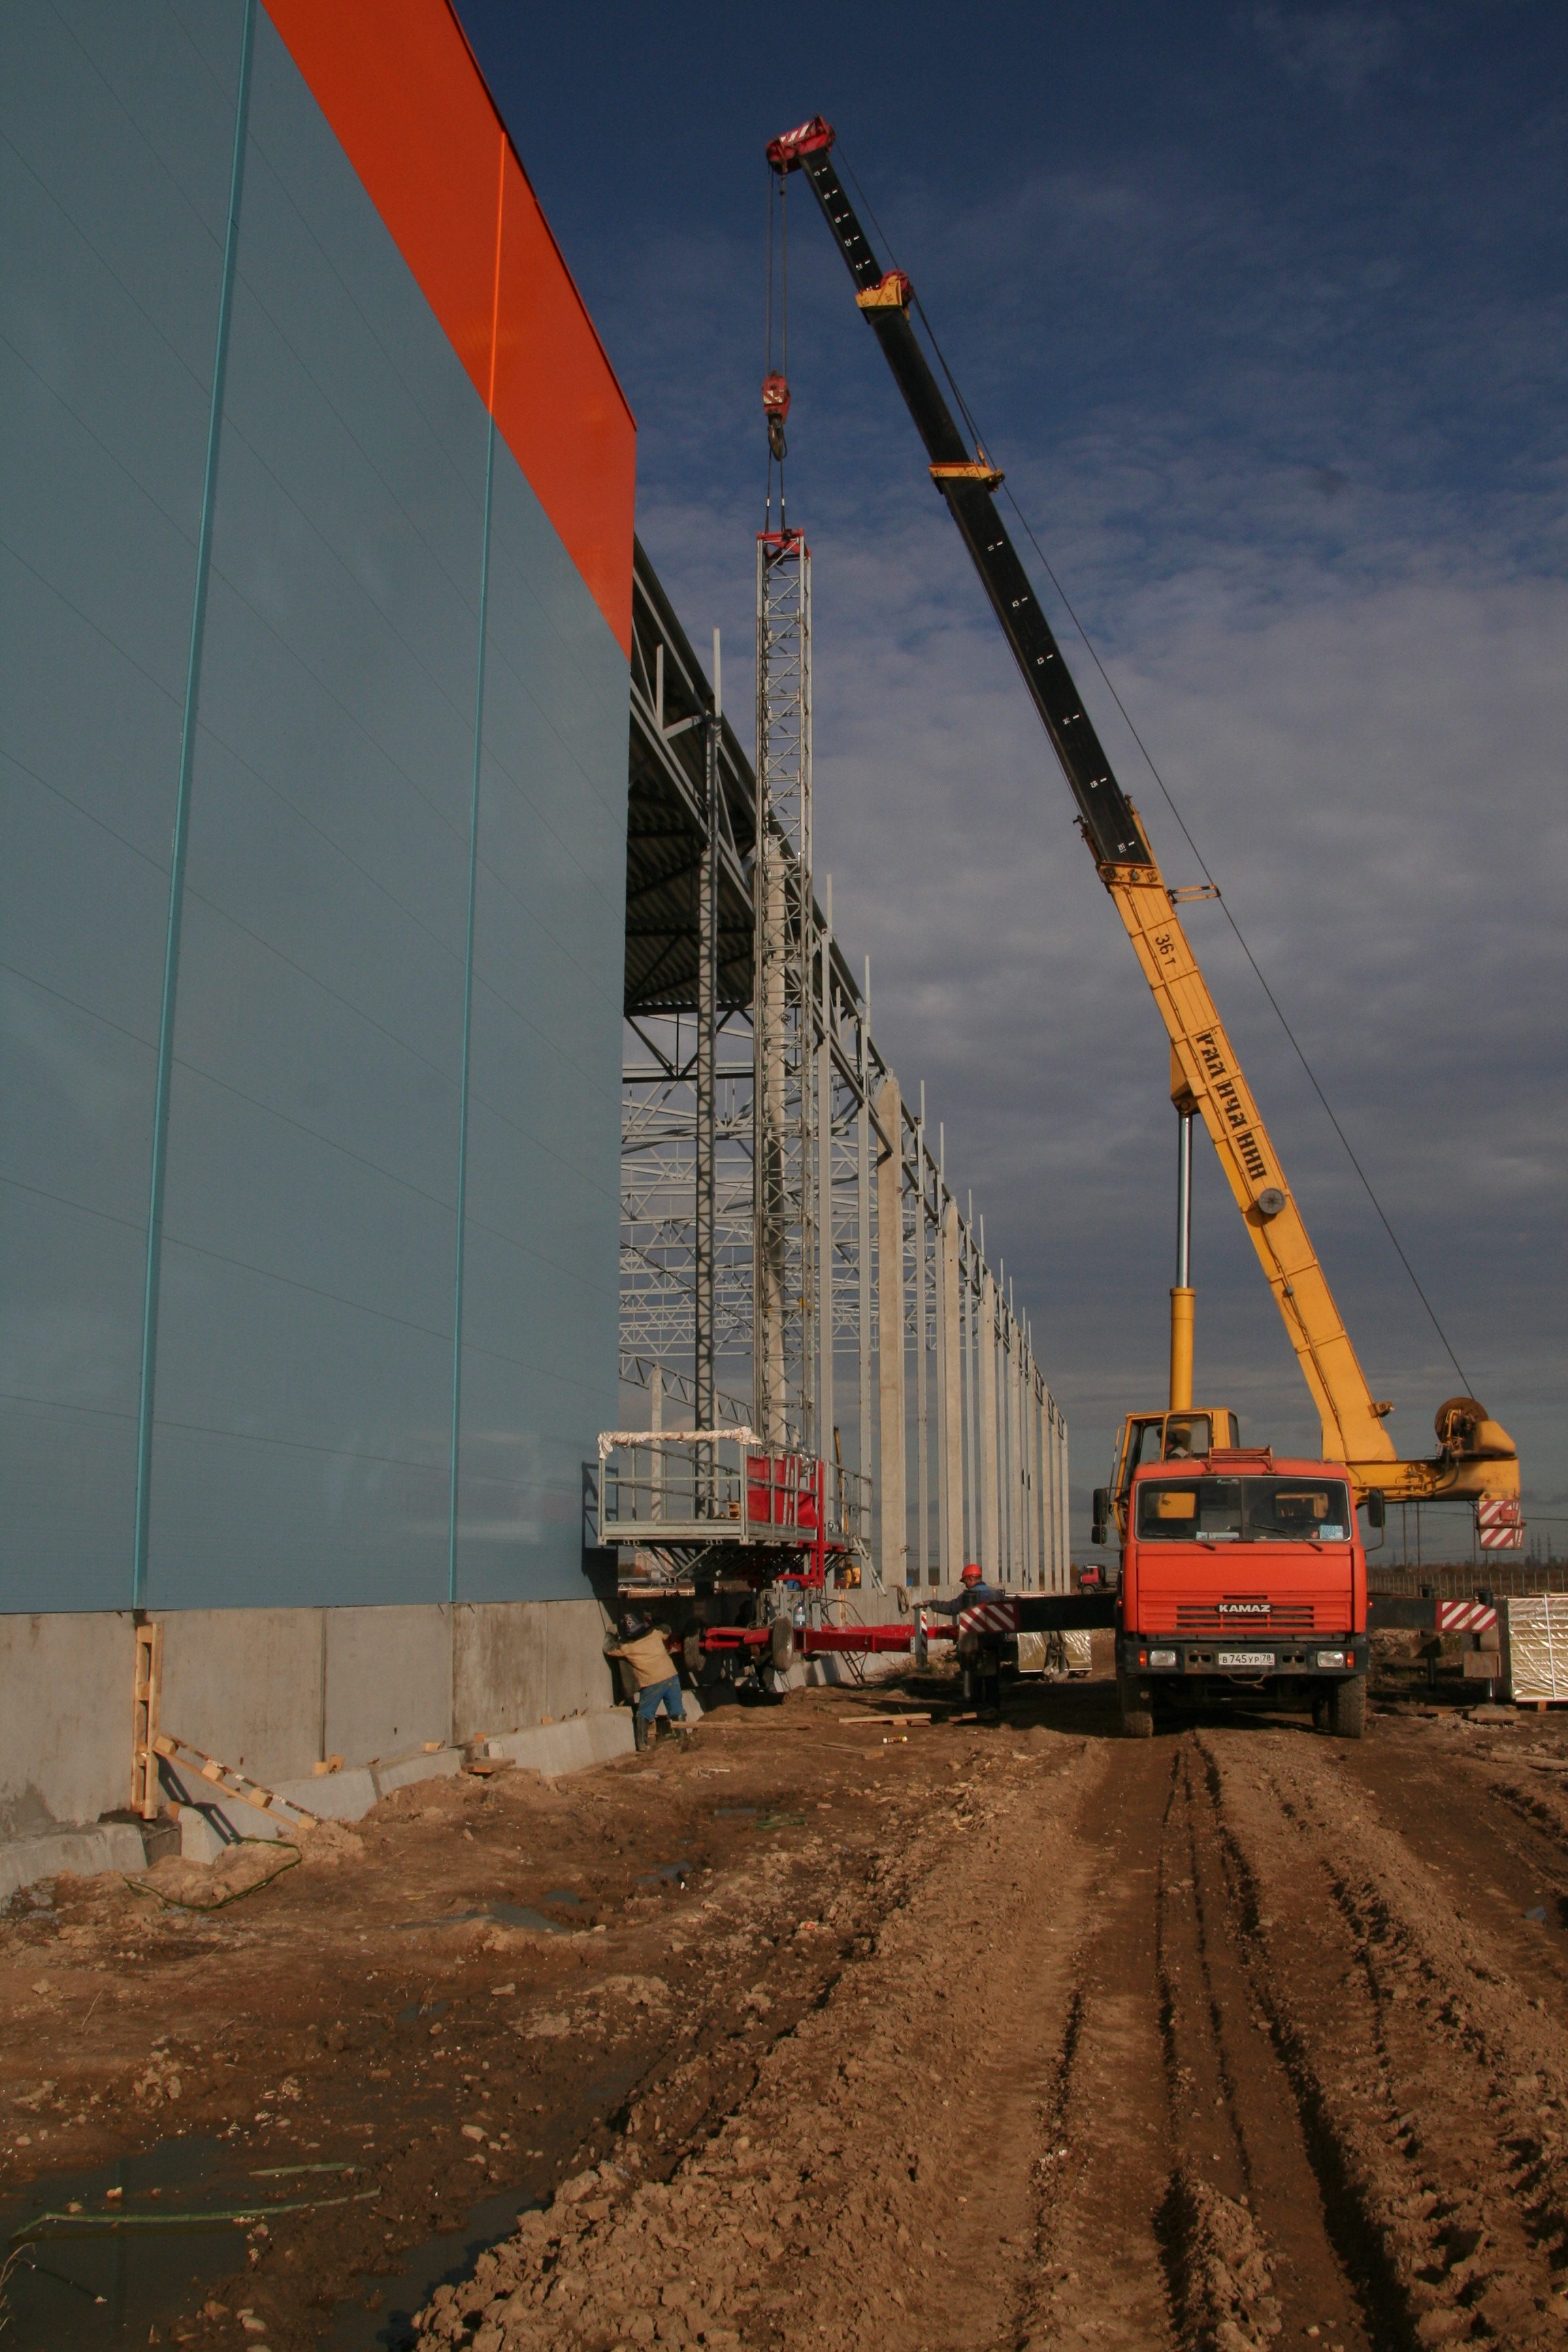 севзапстальконструкция строительство терминал ханнер